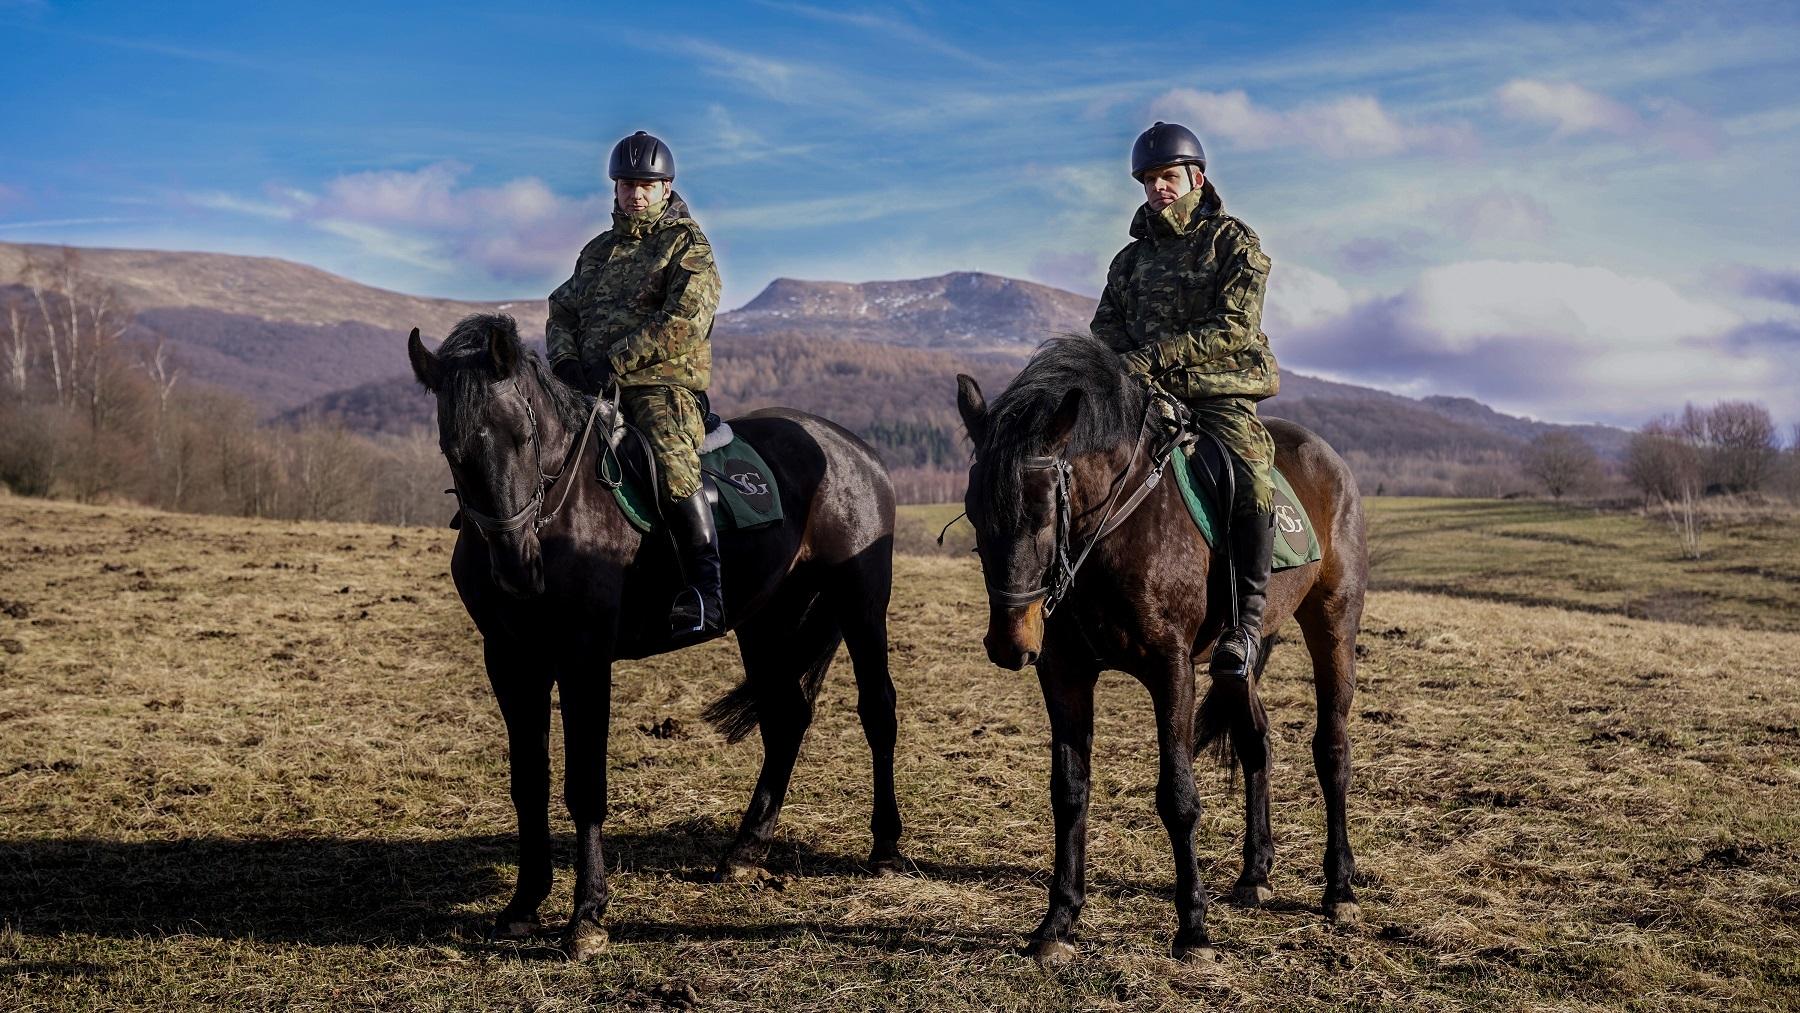 Poznaj nowe konie Straży Granicznej - Evento i Pasata [FOTO+VIDEO]  - Zdjęcie główne